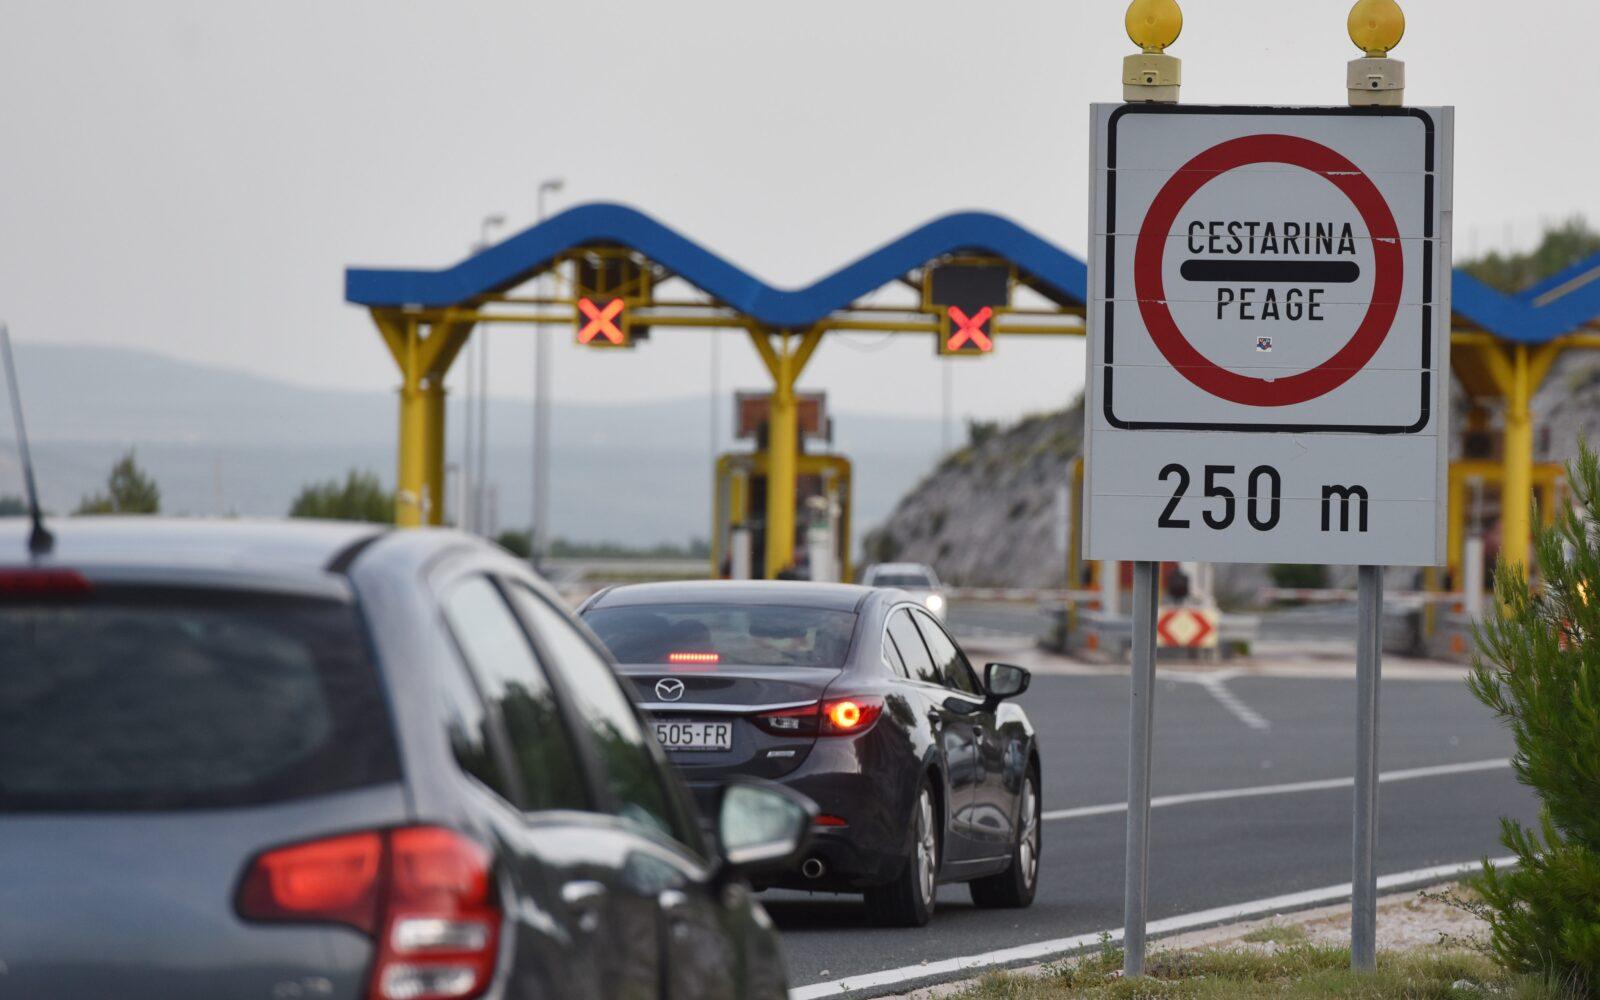 Promjene Na Autocestama Cijena Cestarine 5 Niza Ali Skuplje Udarnim Vikendima Poslovni Dnevnik